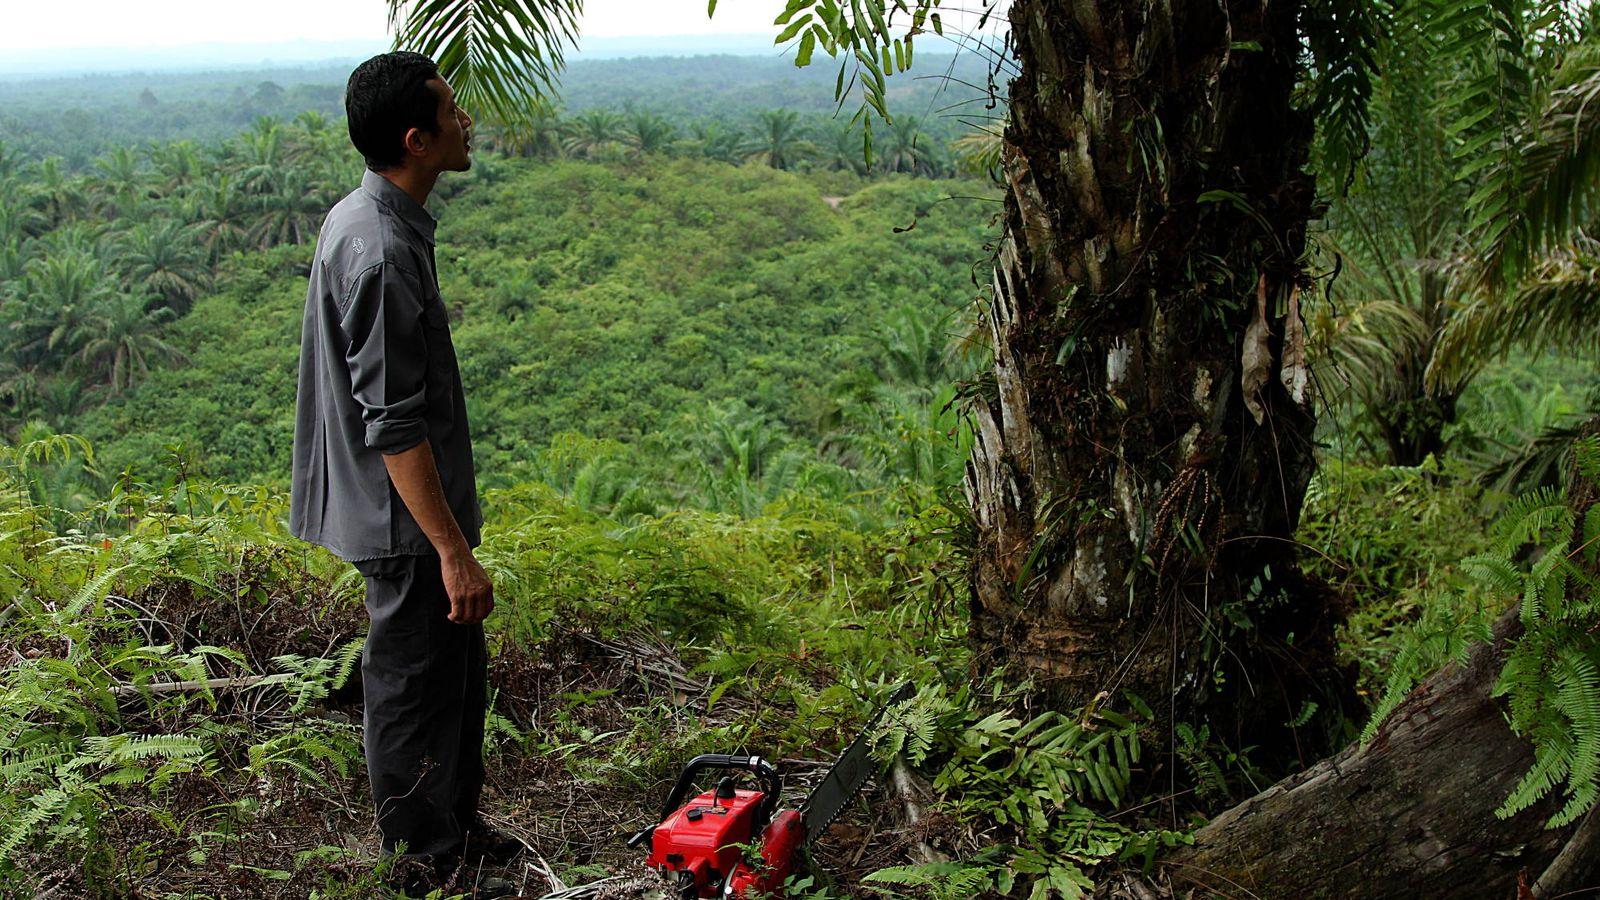 Foto: El 'ecoguerrero' Rudi Putra examina una de las palmeras en una plantación ilegal antes de cortarla. (L. Villadiego)